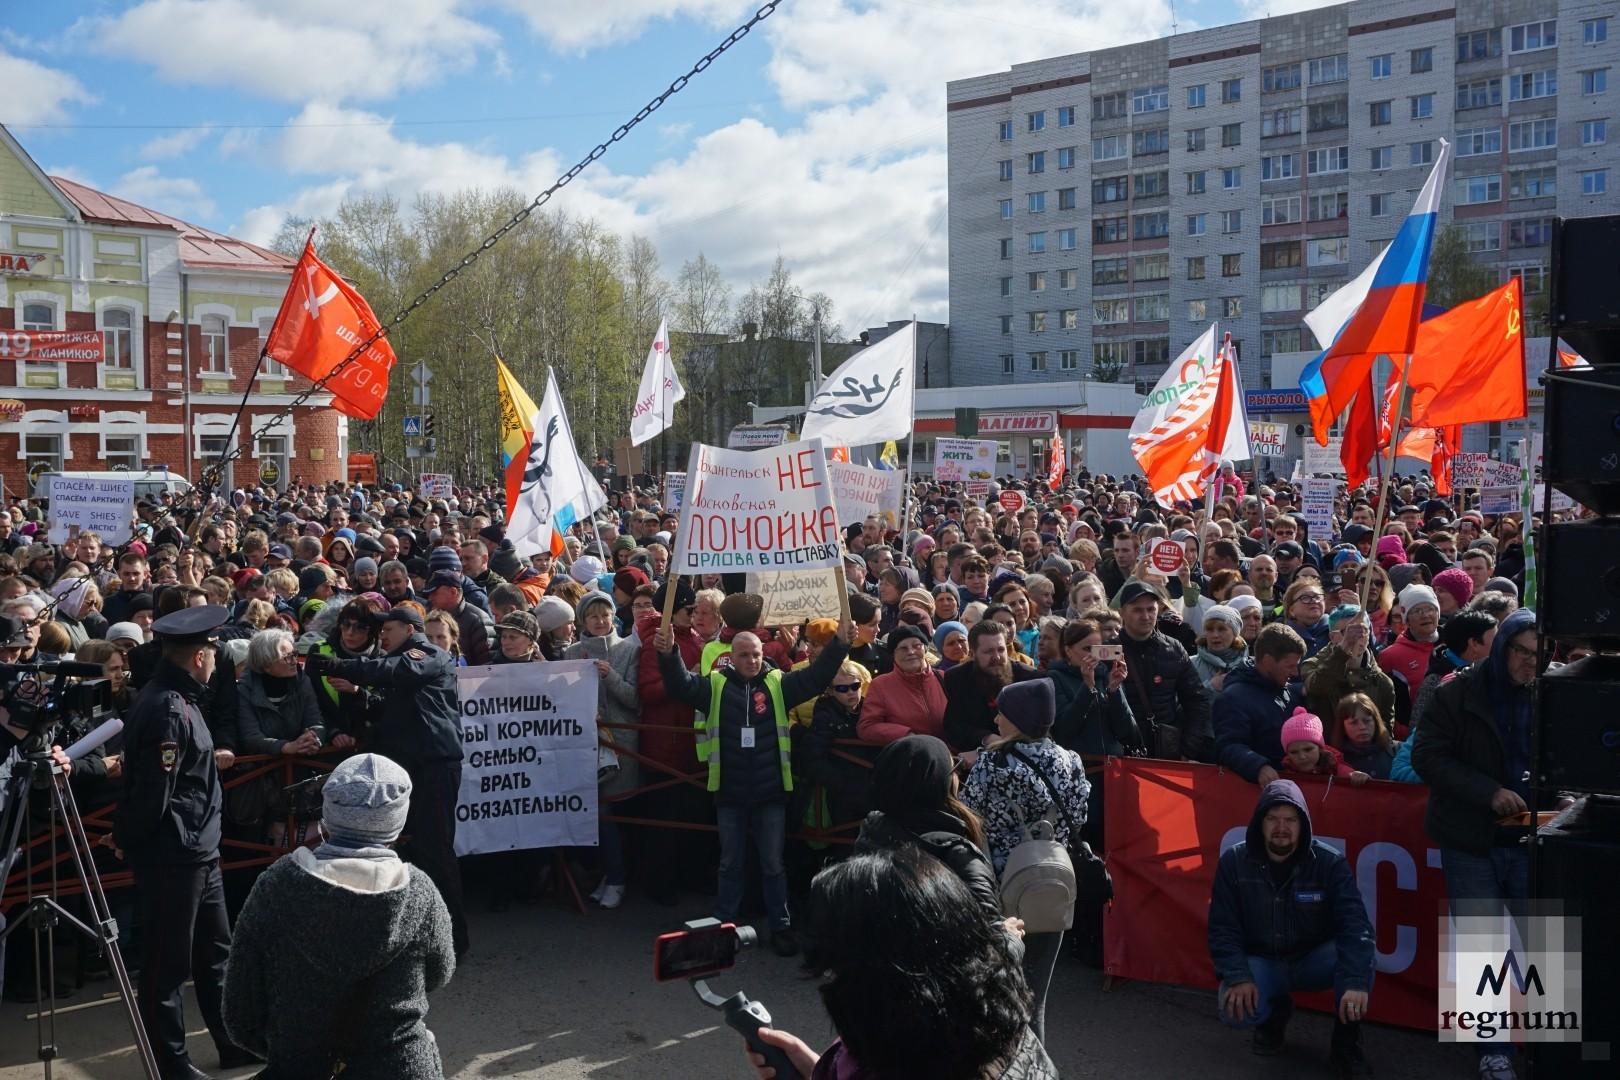 После проведения многотысячного несогласованного митинга в центре Архангельска, местные власти разрешили протестующим собраться недалеко от центра — на площади Терехина